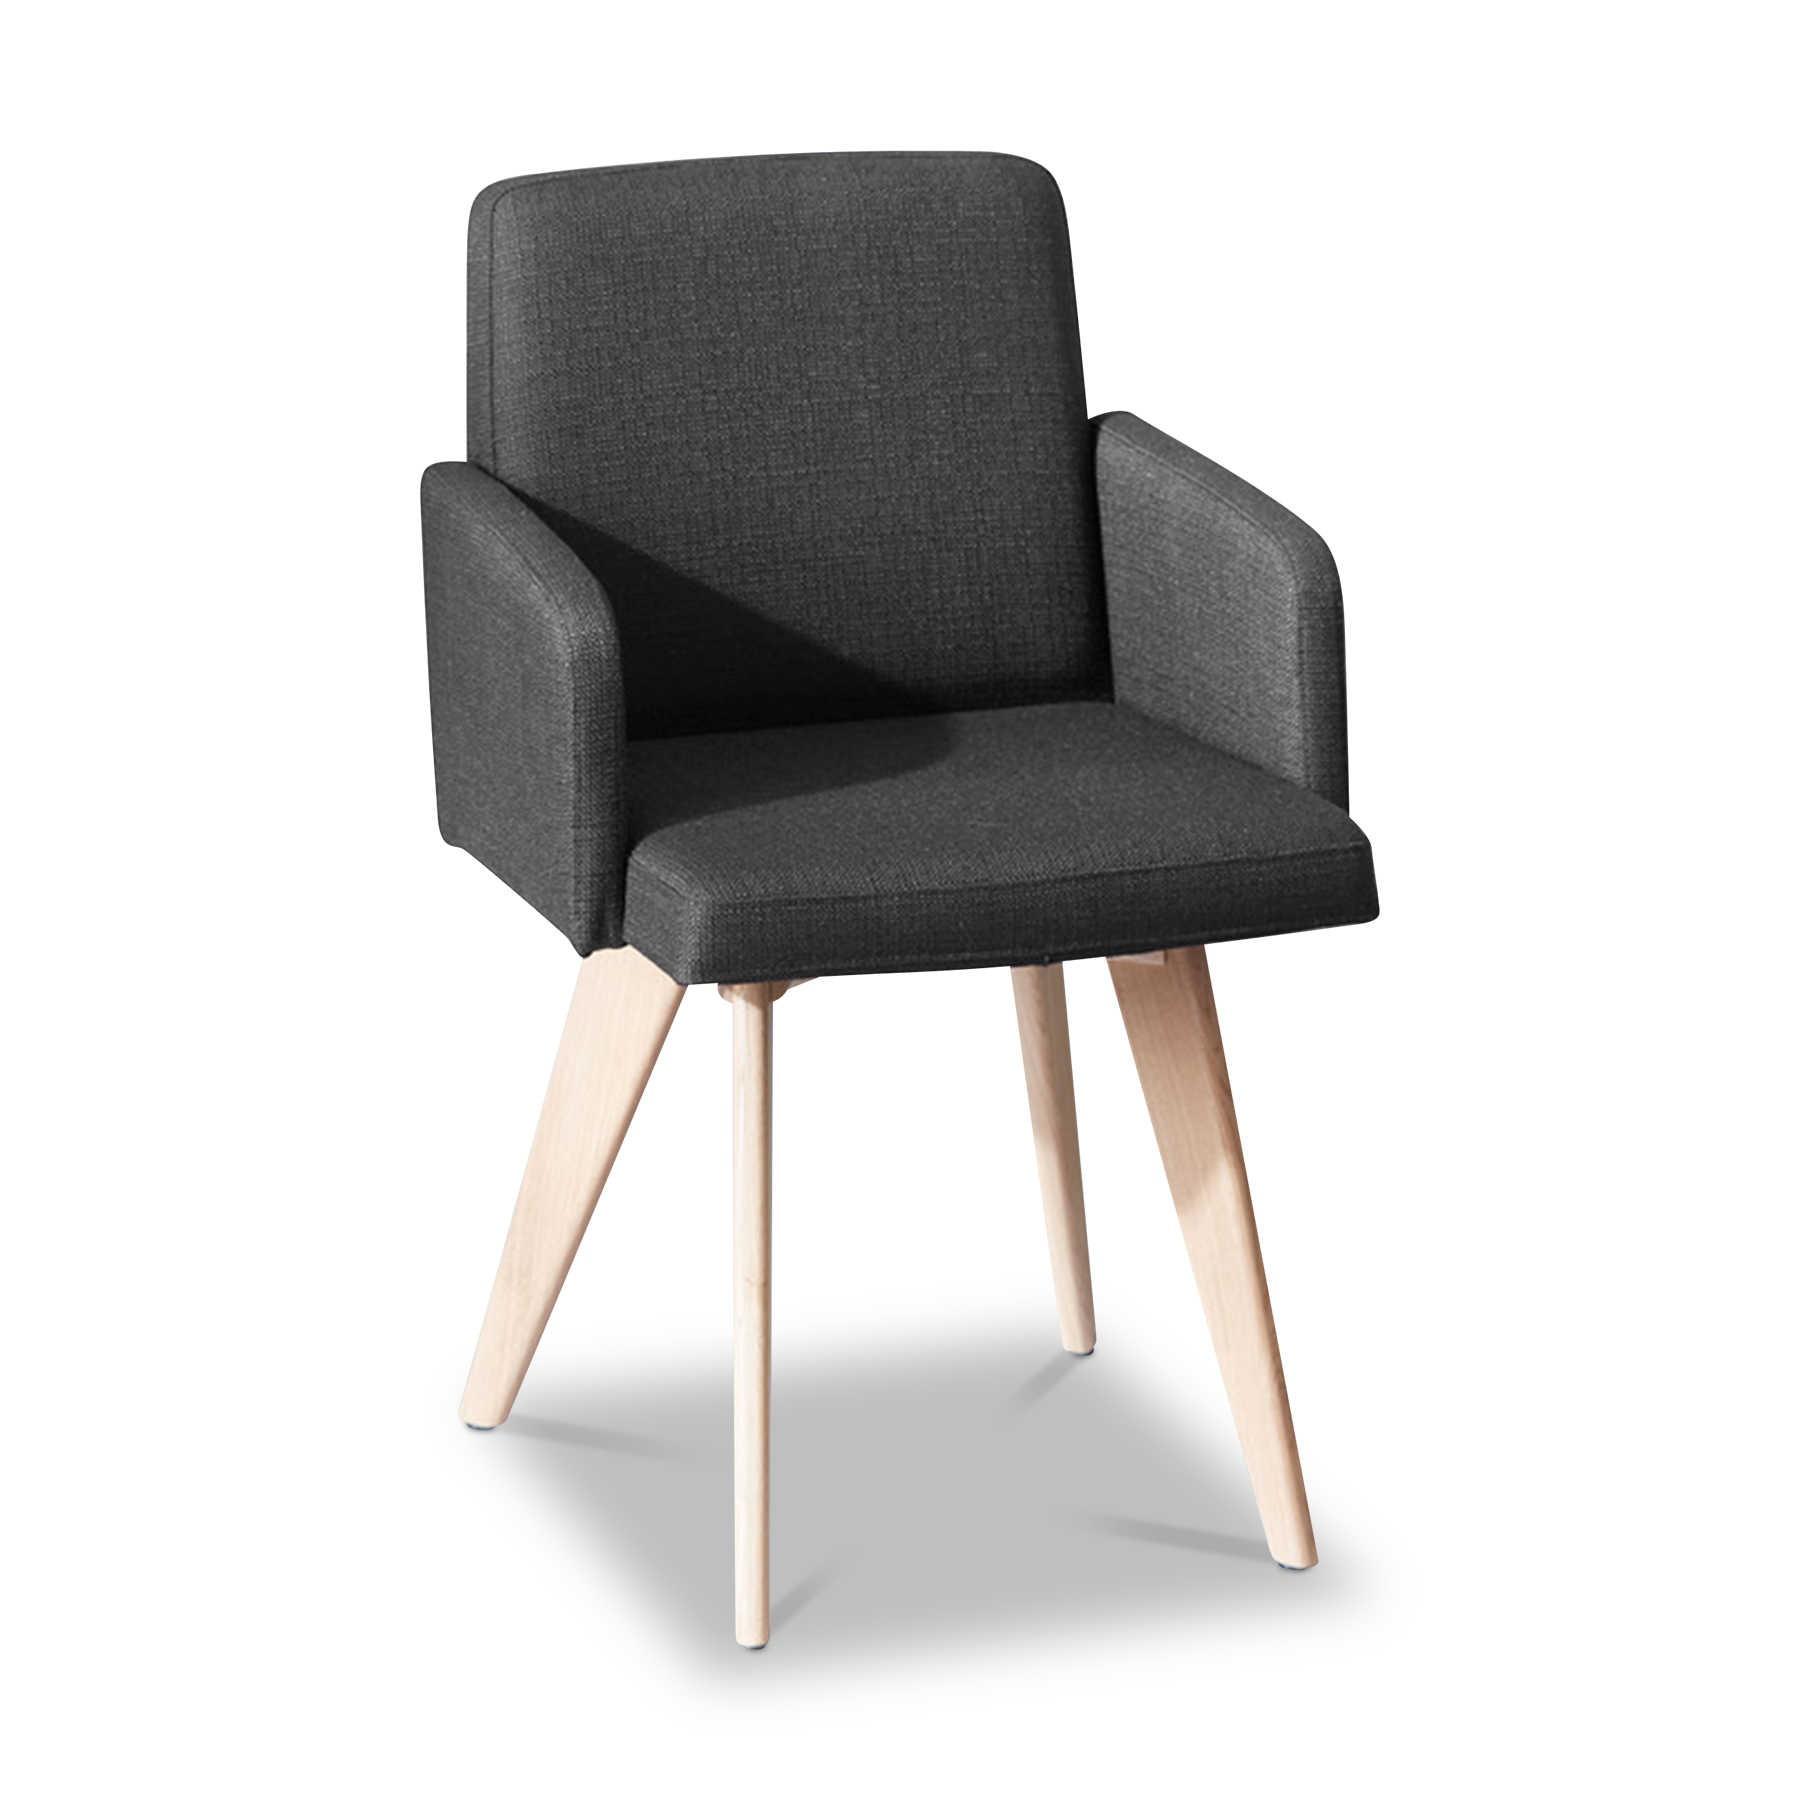 sch ner wohnen stuhl craft 0663 grau leder online kaufen bei woonio. Black Bedroom Furniture Sets. Home Design Ideas